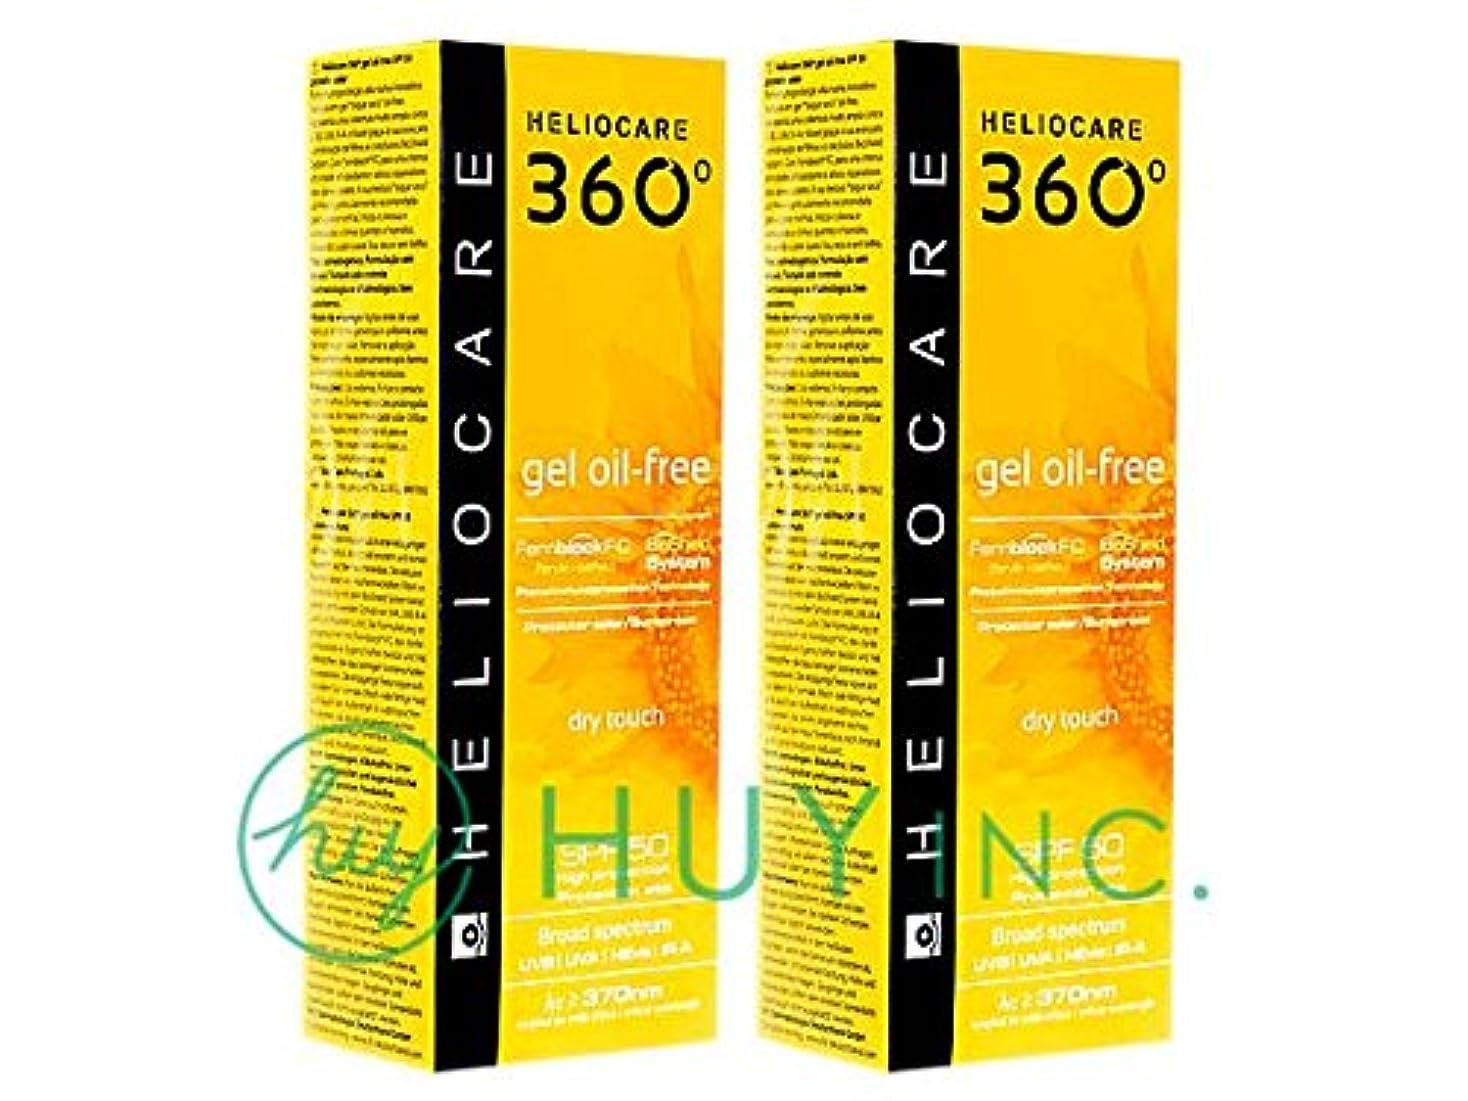 実り多いロッド汚物ヘリオケア 360°ジェルオイルフリー(Heliocare360GelOil-Free)SPF50 2ボトル(50ml×2) [並行輸入品]